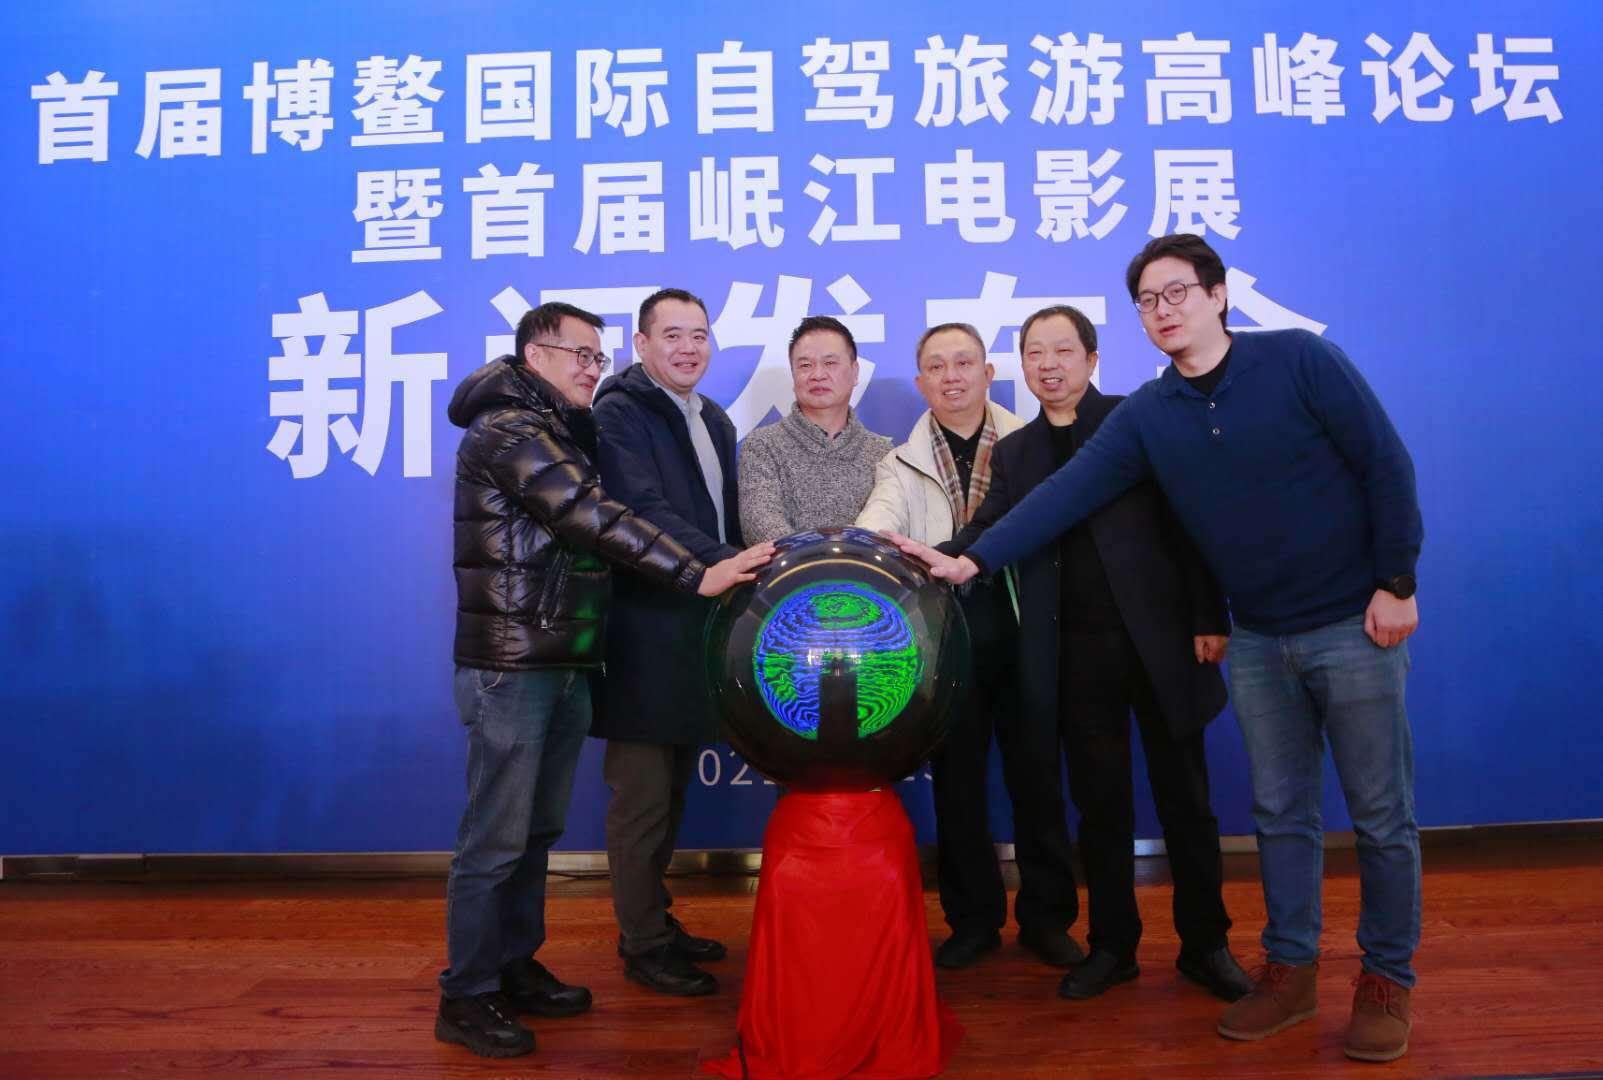 2021博鳌国际自驾旅游高峰论坛将在蓉召开